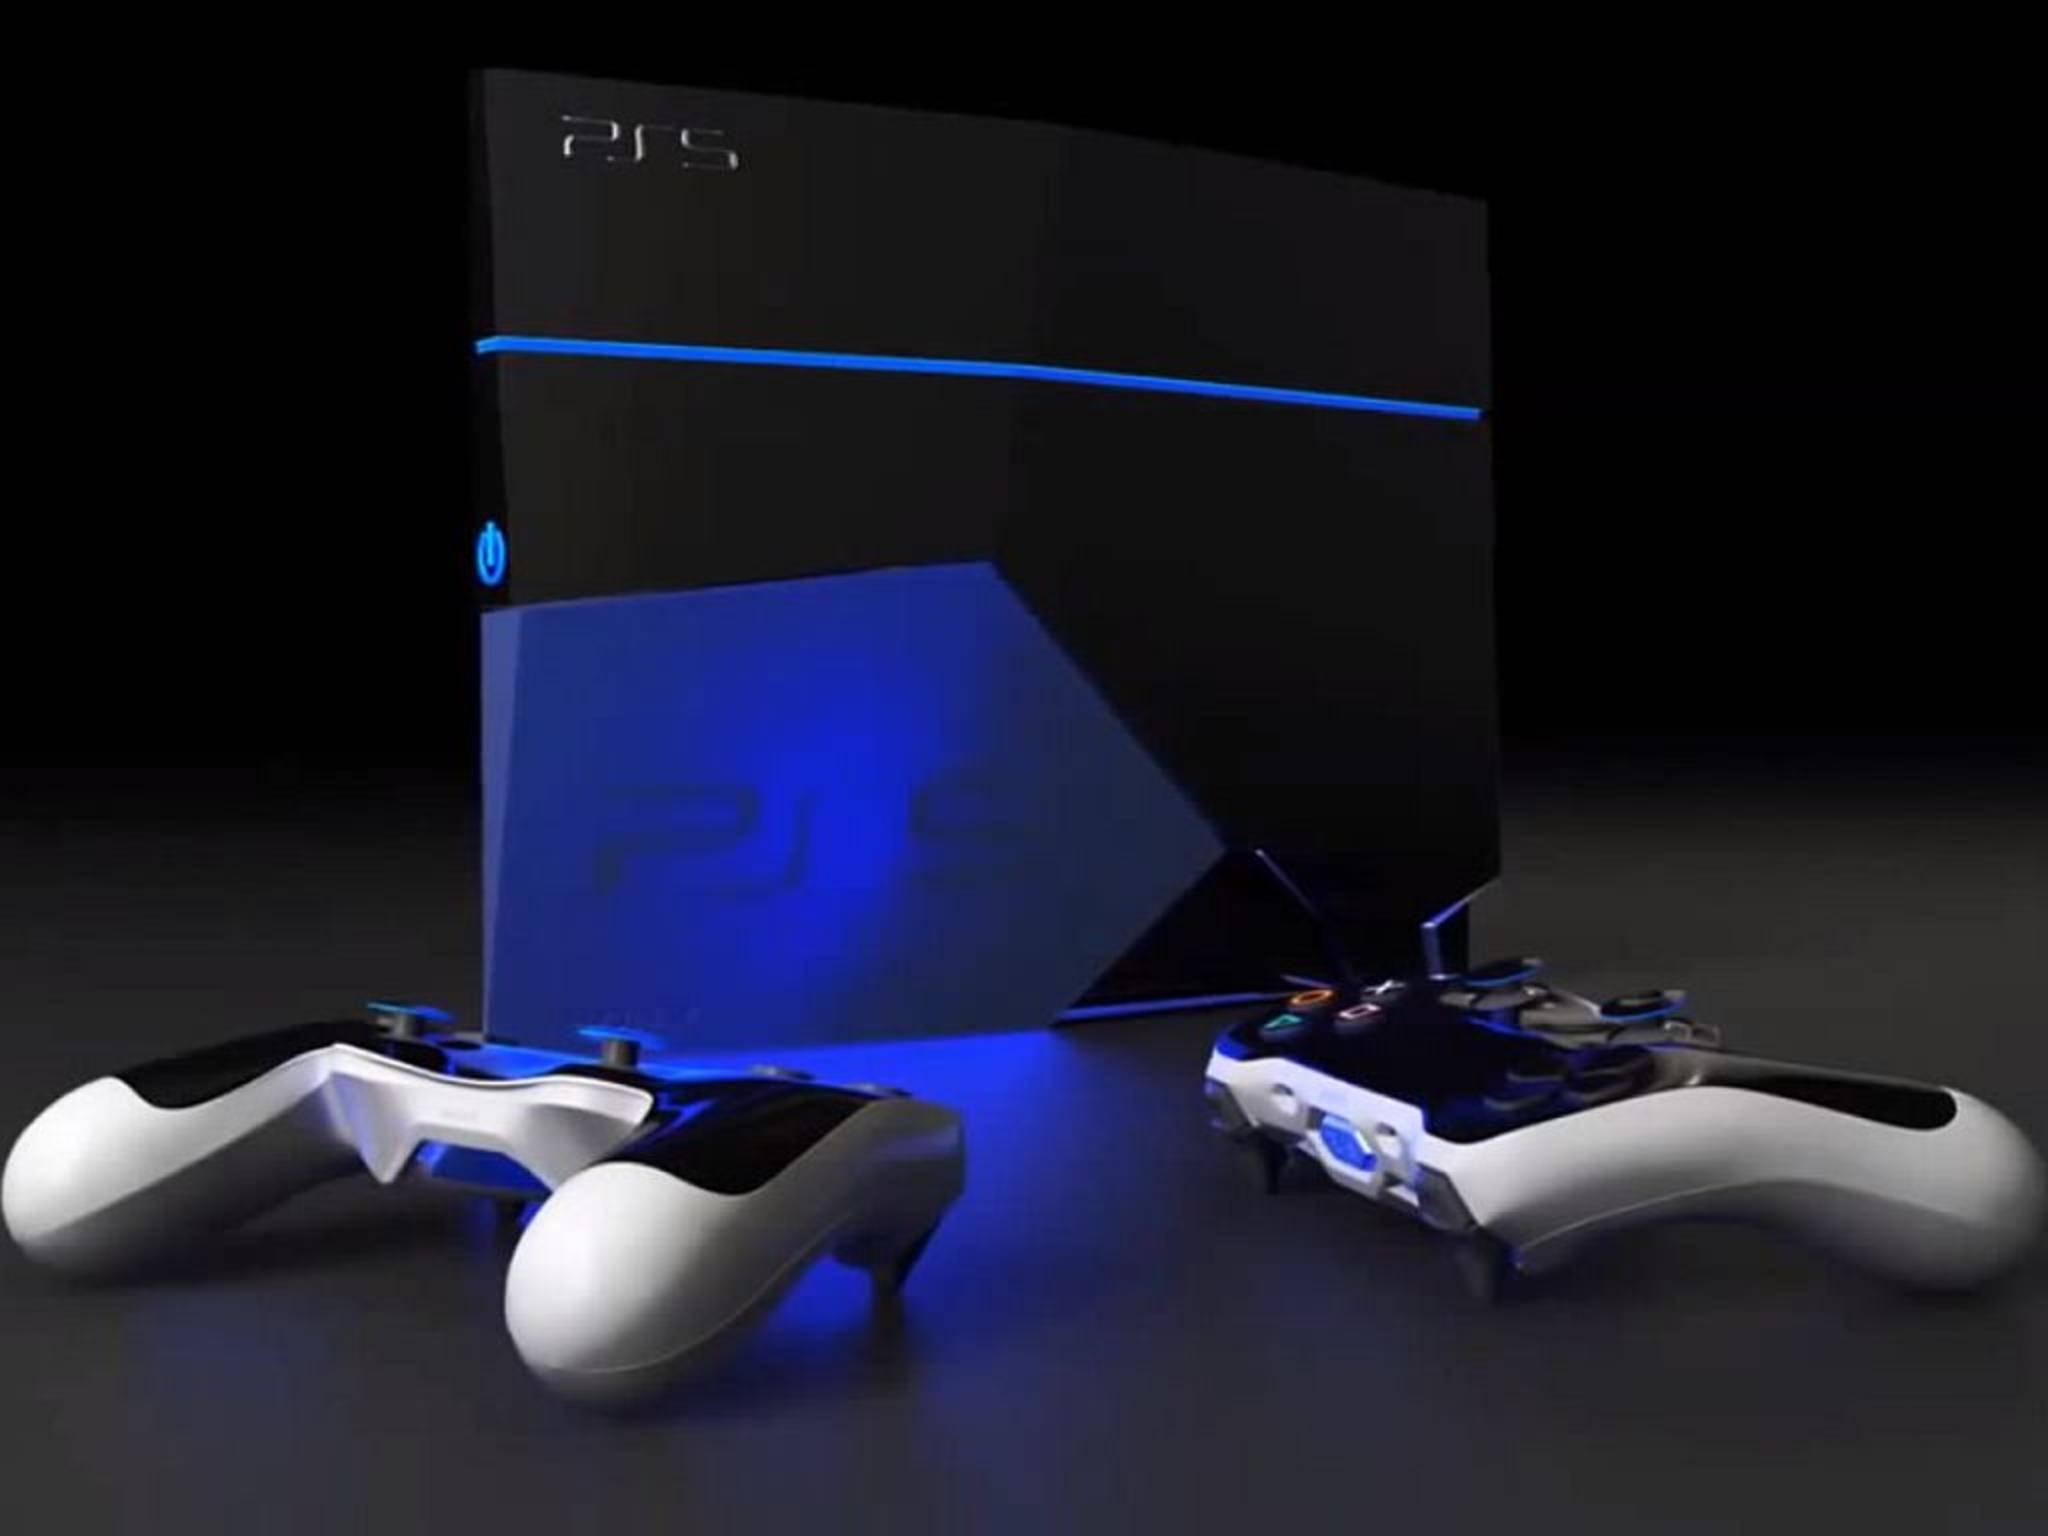 Bis zum Release der PS5 dürften noch einige Jahre vergehen.